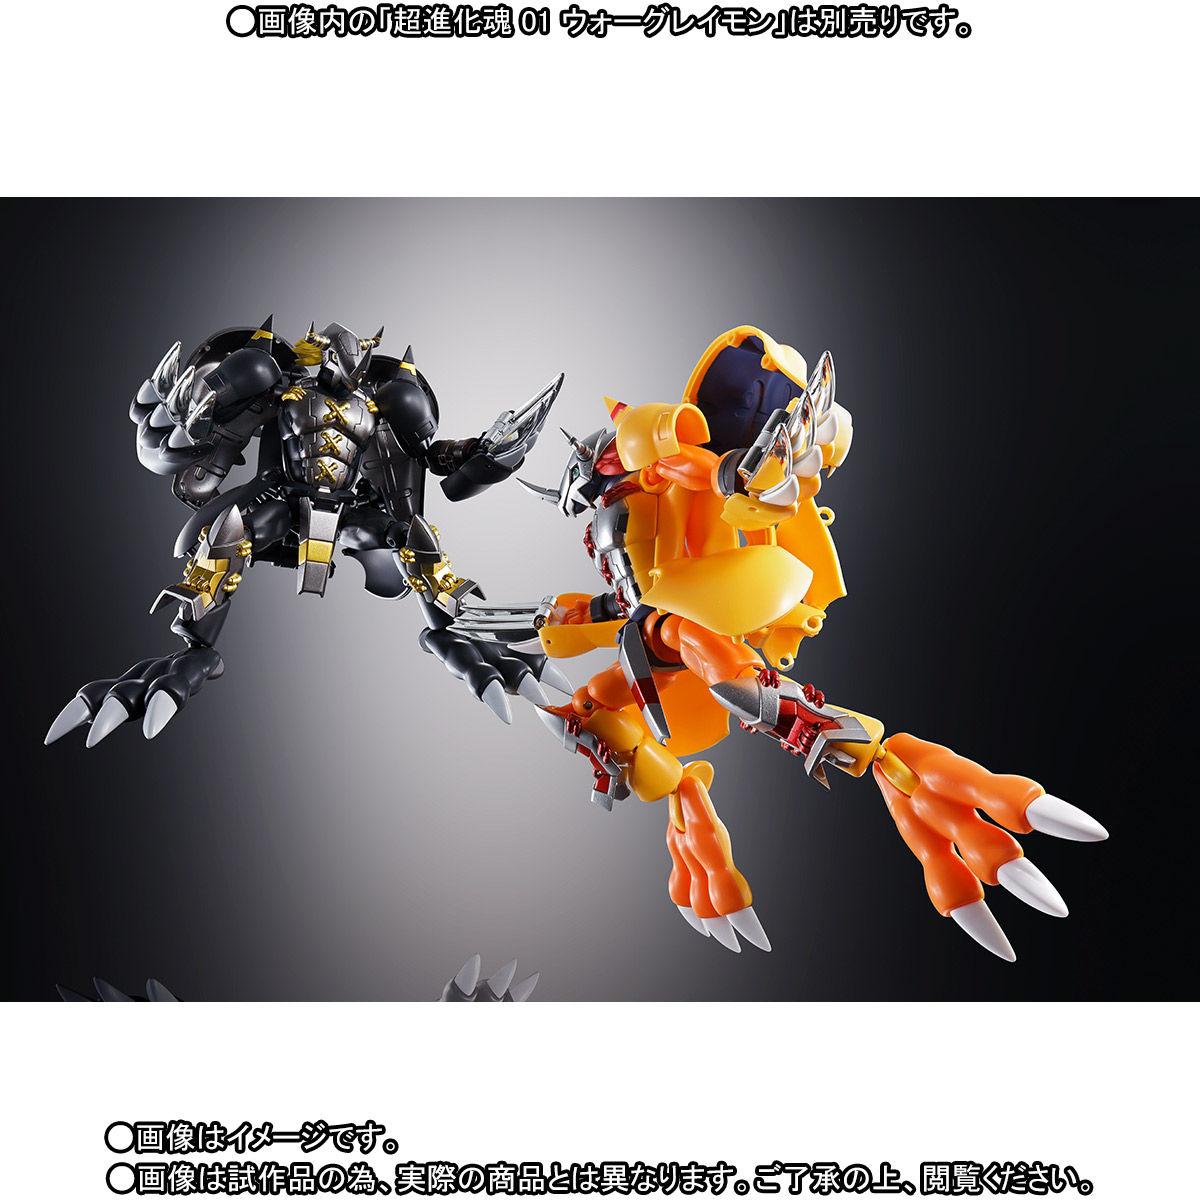 超進化魂 08『ブラックウォーグレイモン』デジモンアドベンチャー 可変可動フィギュア-008